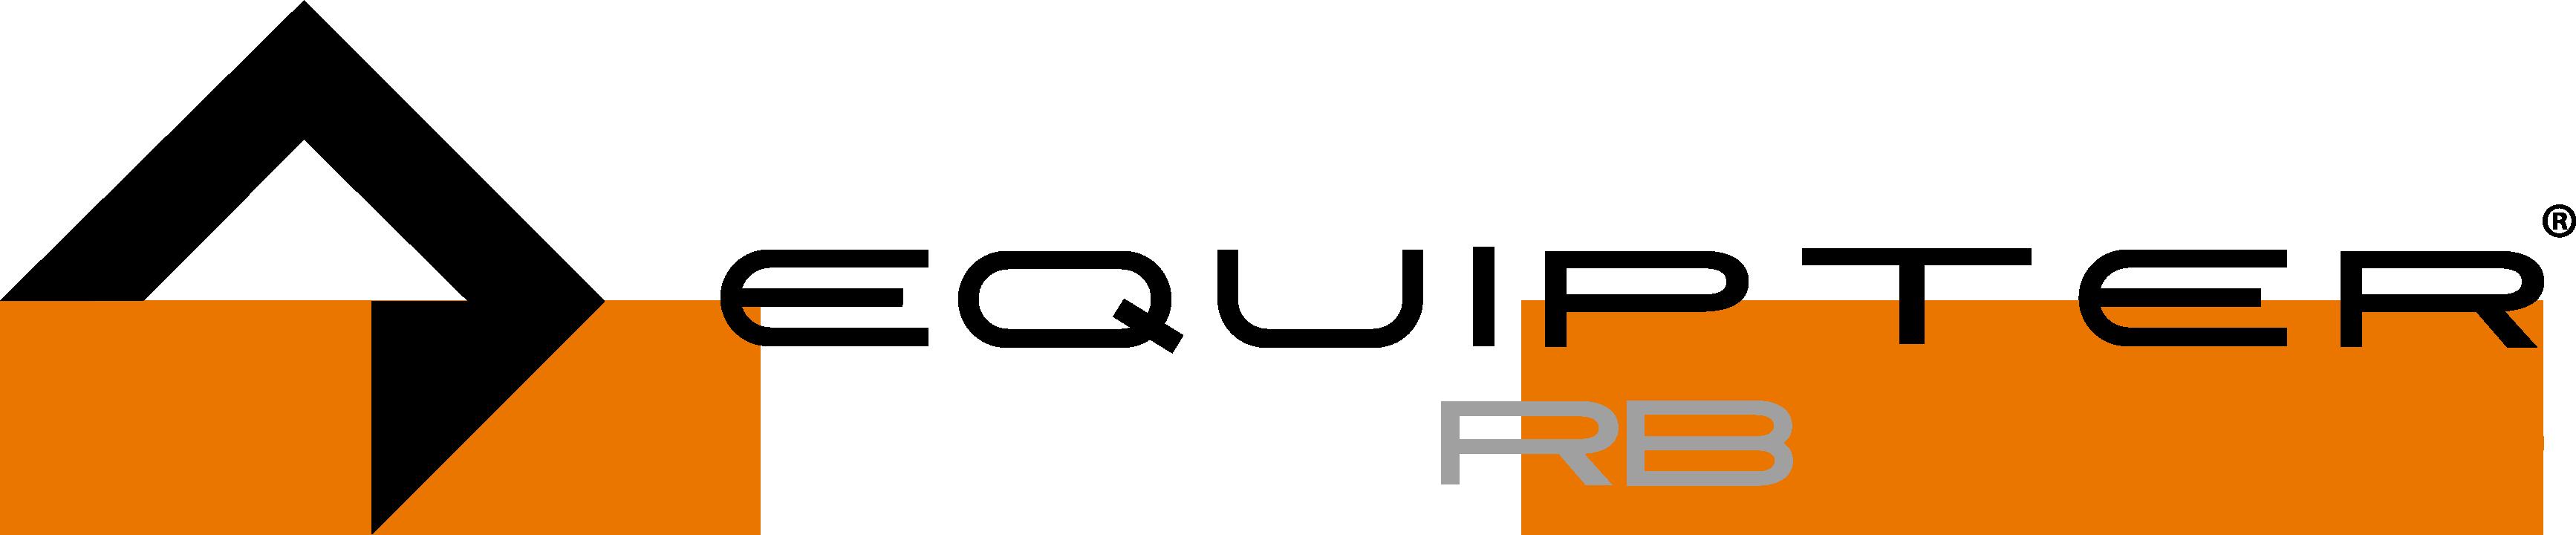 RB2500 Full Logo